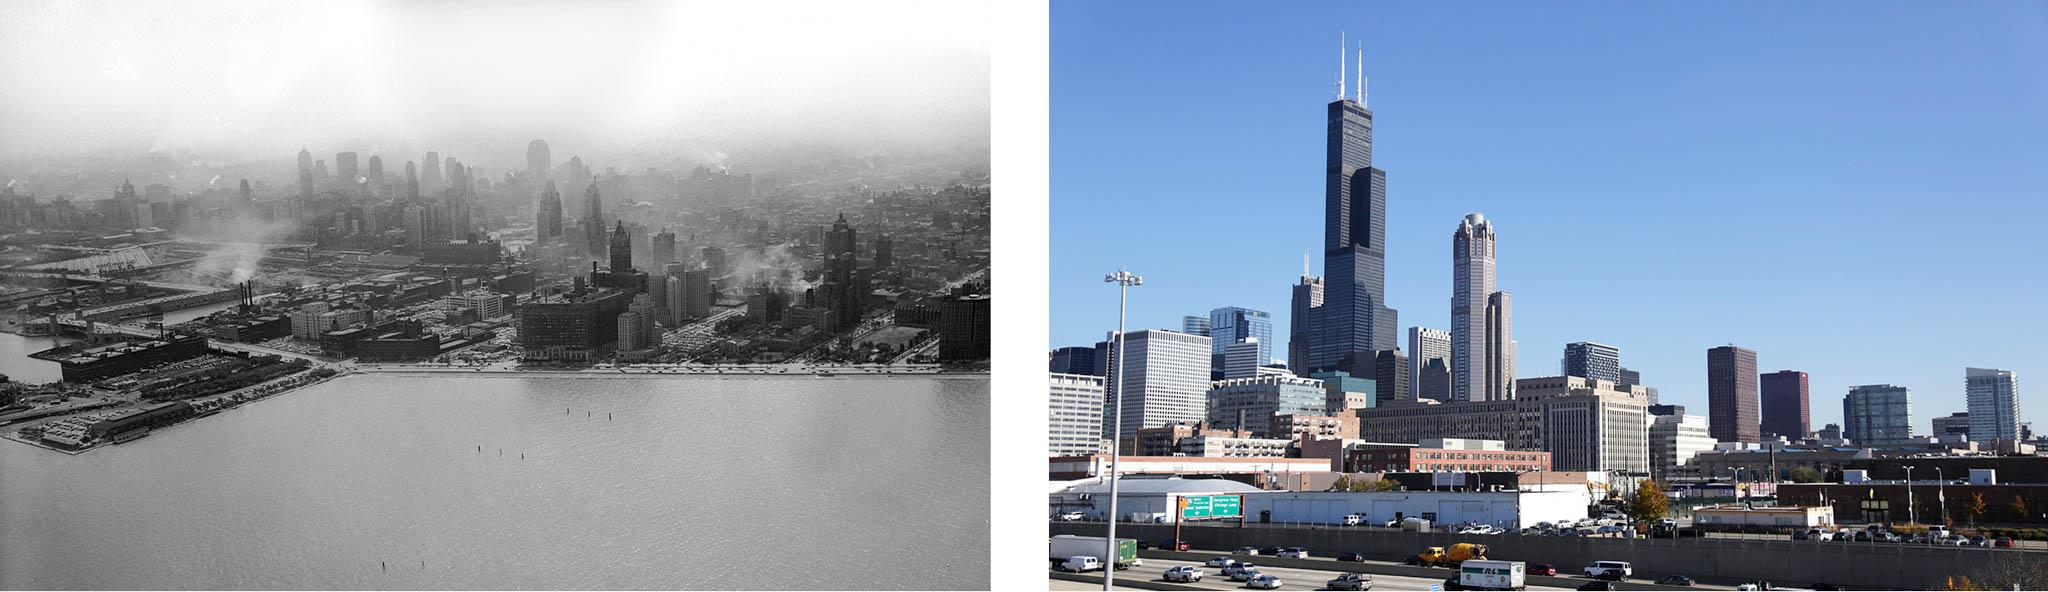 Silhueta da cidade de Chicago no horizonte com smog, à esquerda, e ar limpo, à direita (Foto da esquerda: © Kirn Vintage Stock/Alamy; Foto da direita: © M. Spencer Green/AP Images)